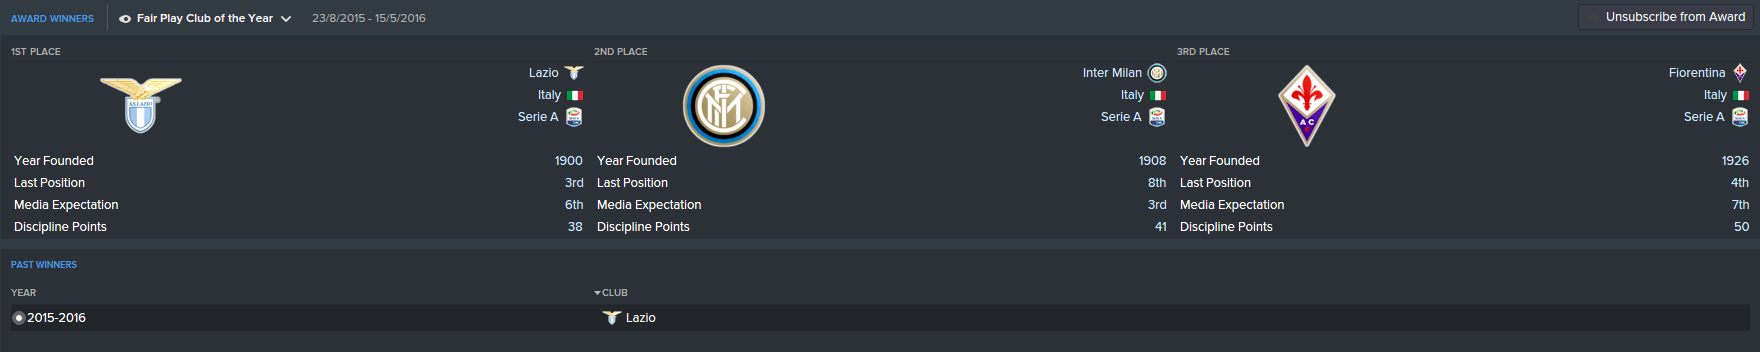 fair-play-club-of-the-year